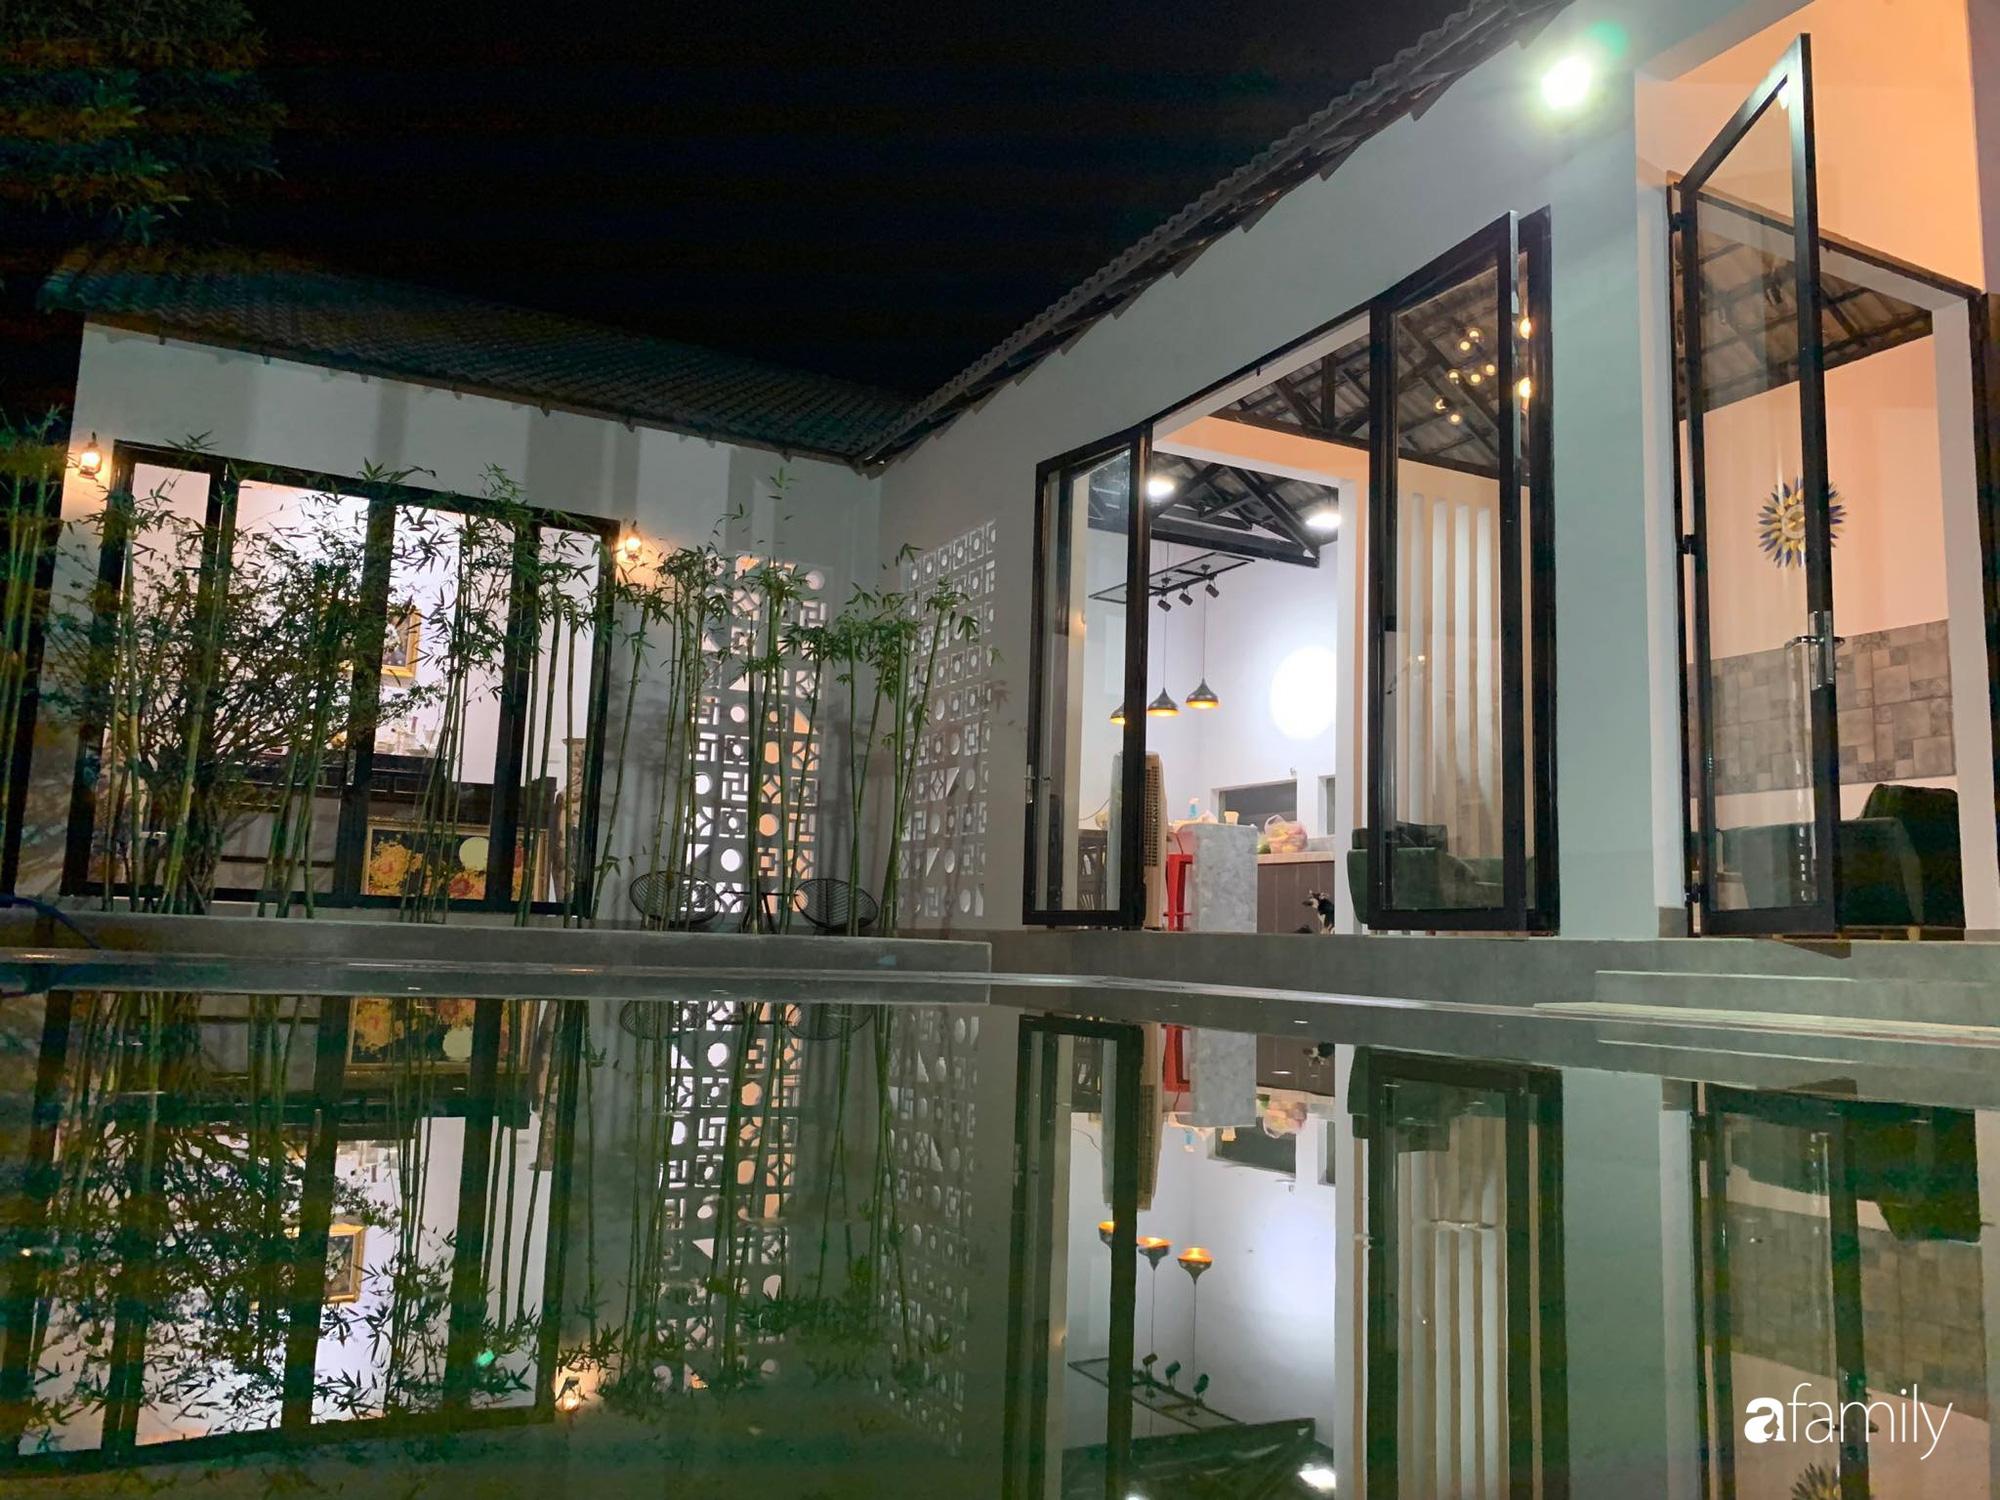 Ngôi nhà rộng 147m2 đẹp như resort củ chàng tri 24 tuổi ấp ủ hoàn thành ước mơ ở Tây Ninh - Ảnh 5.